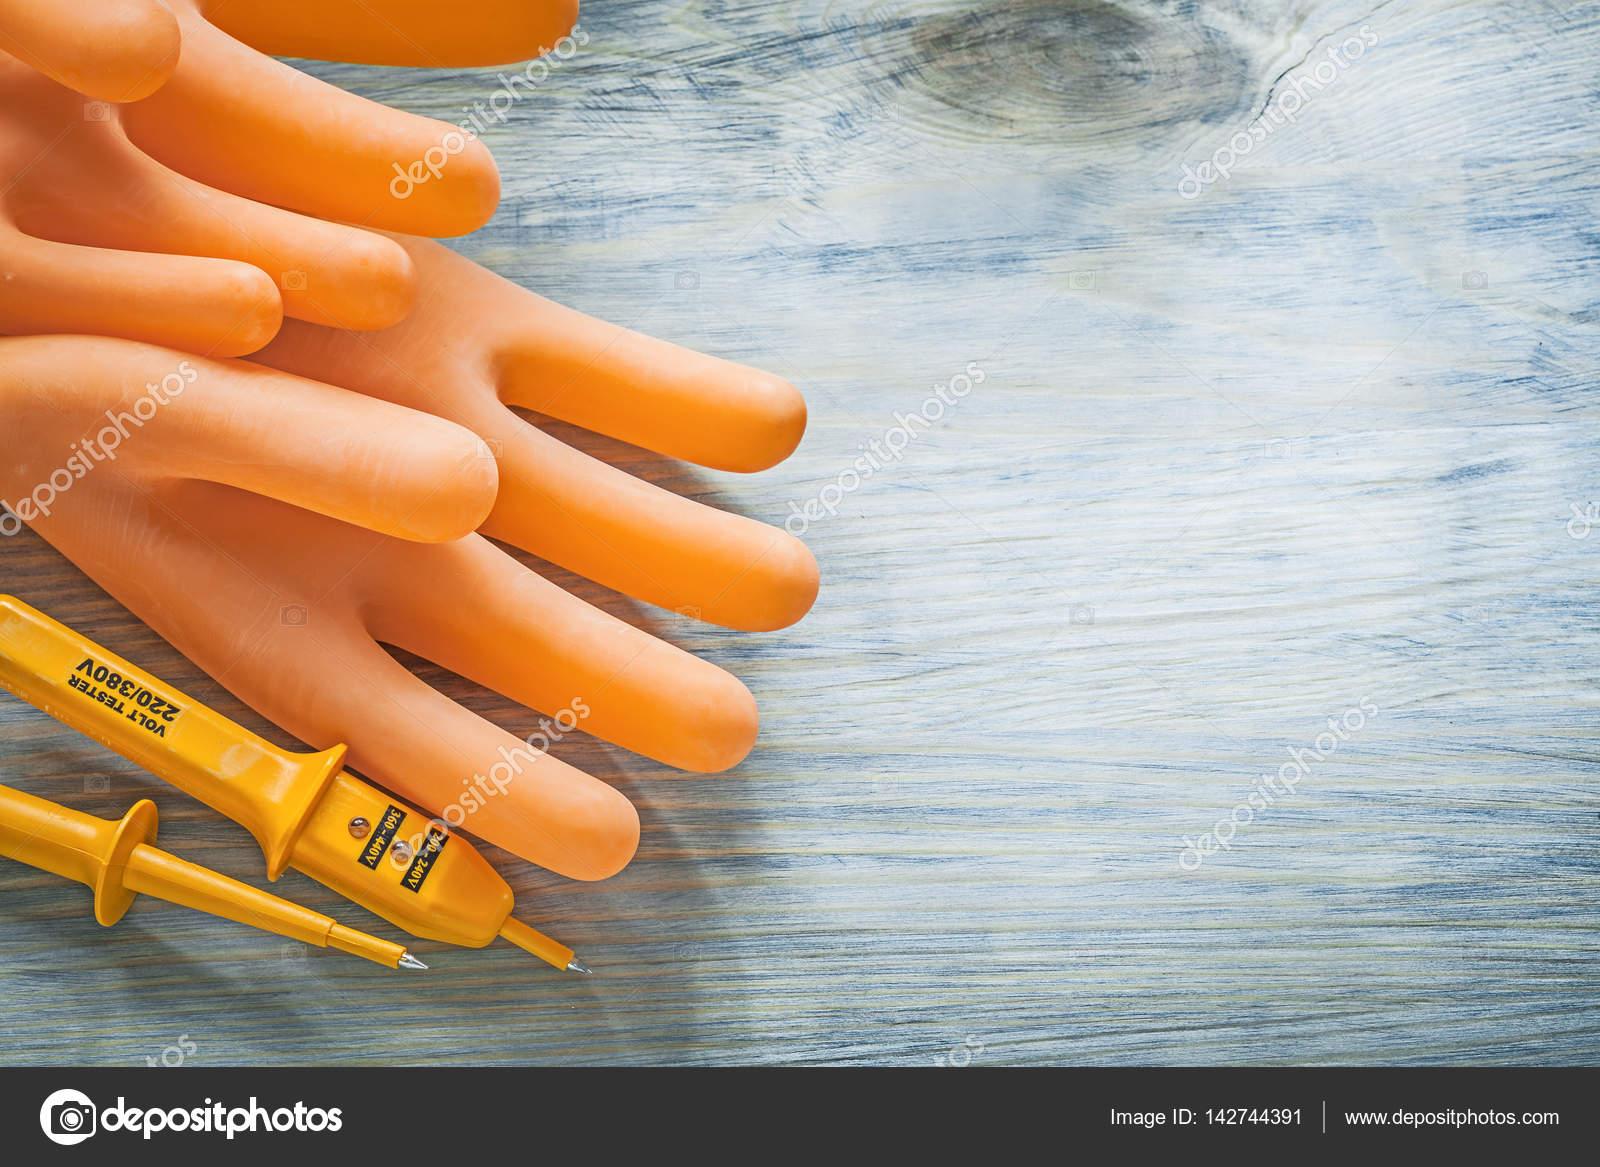 Ηλεκτρική tester ζευγάρι γάντια Ηλεκτρολόγοι ξύλινη σανίδα έννοια  ηλεκτρικής ενέργειας — Εικόνα από mihalec a9e50494008